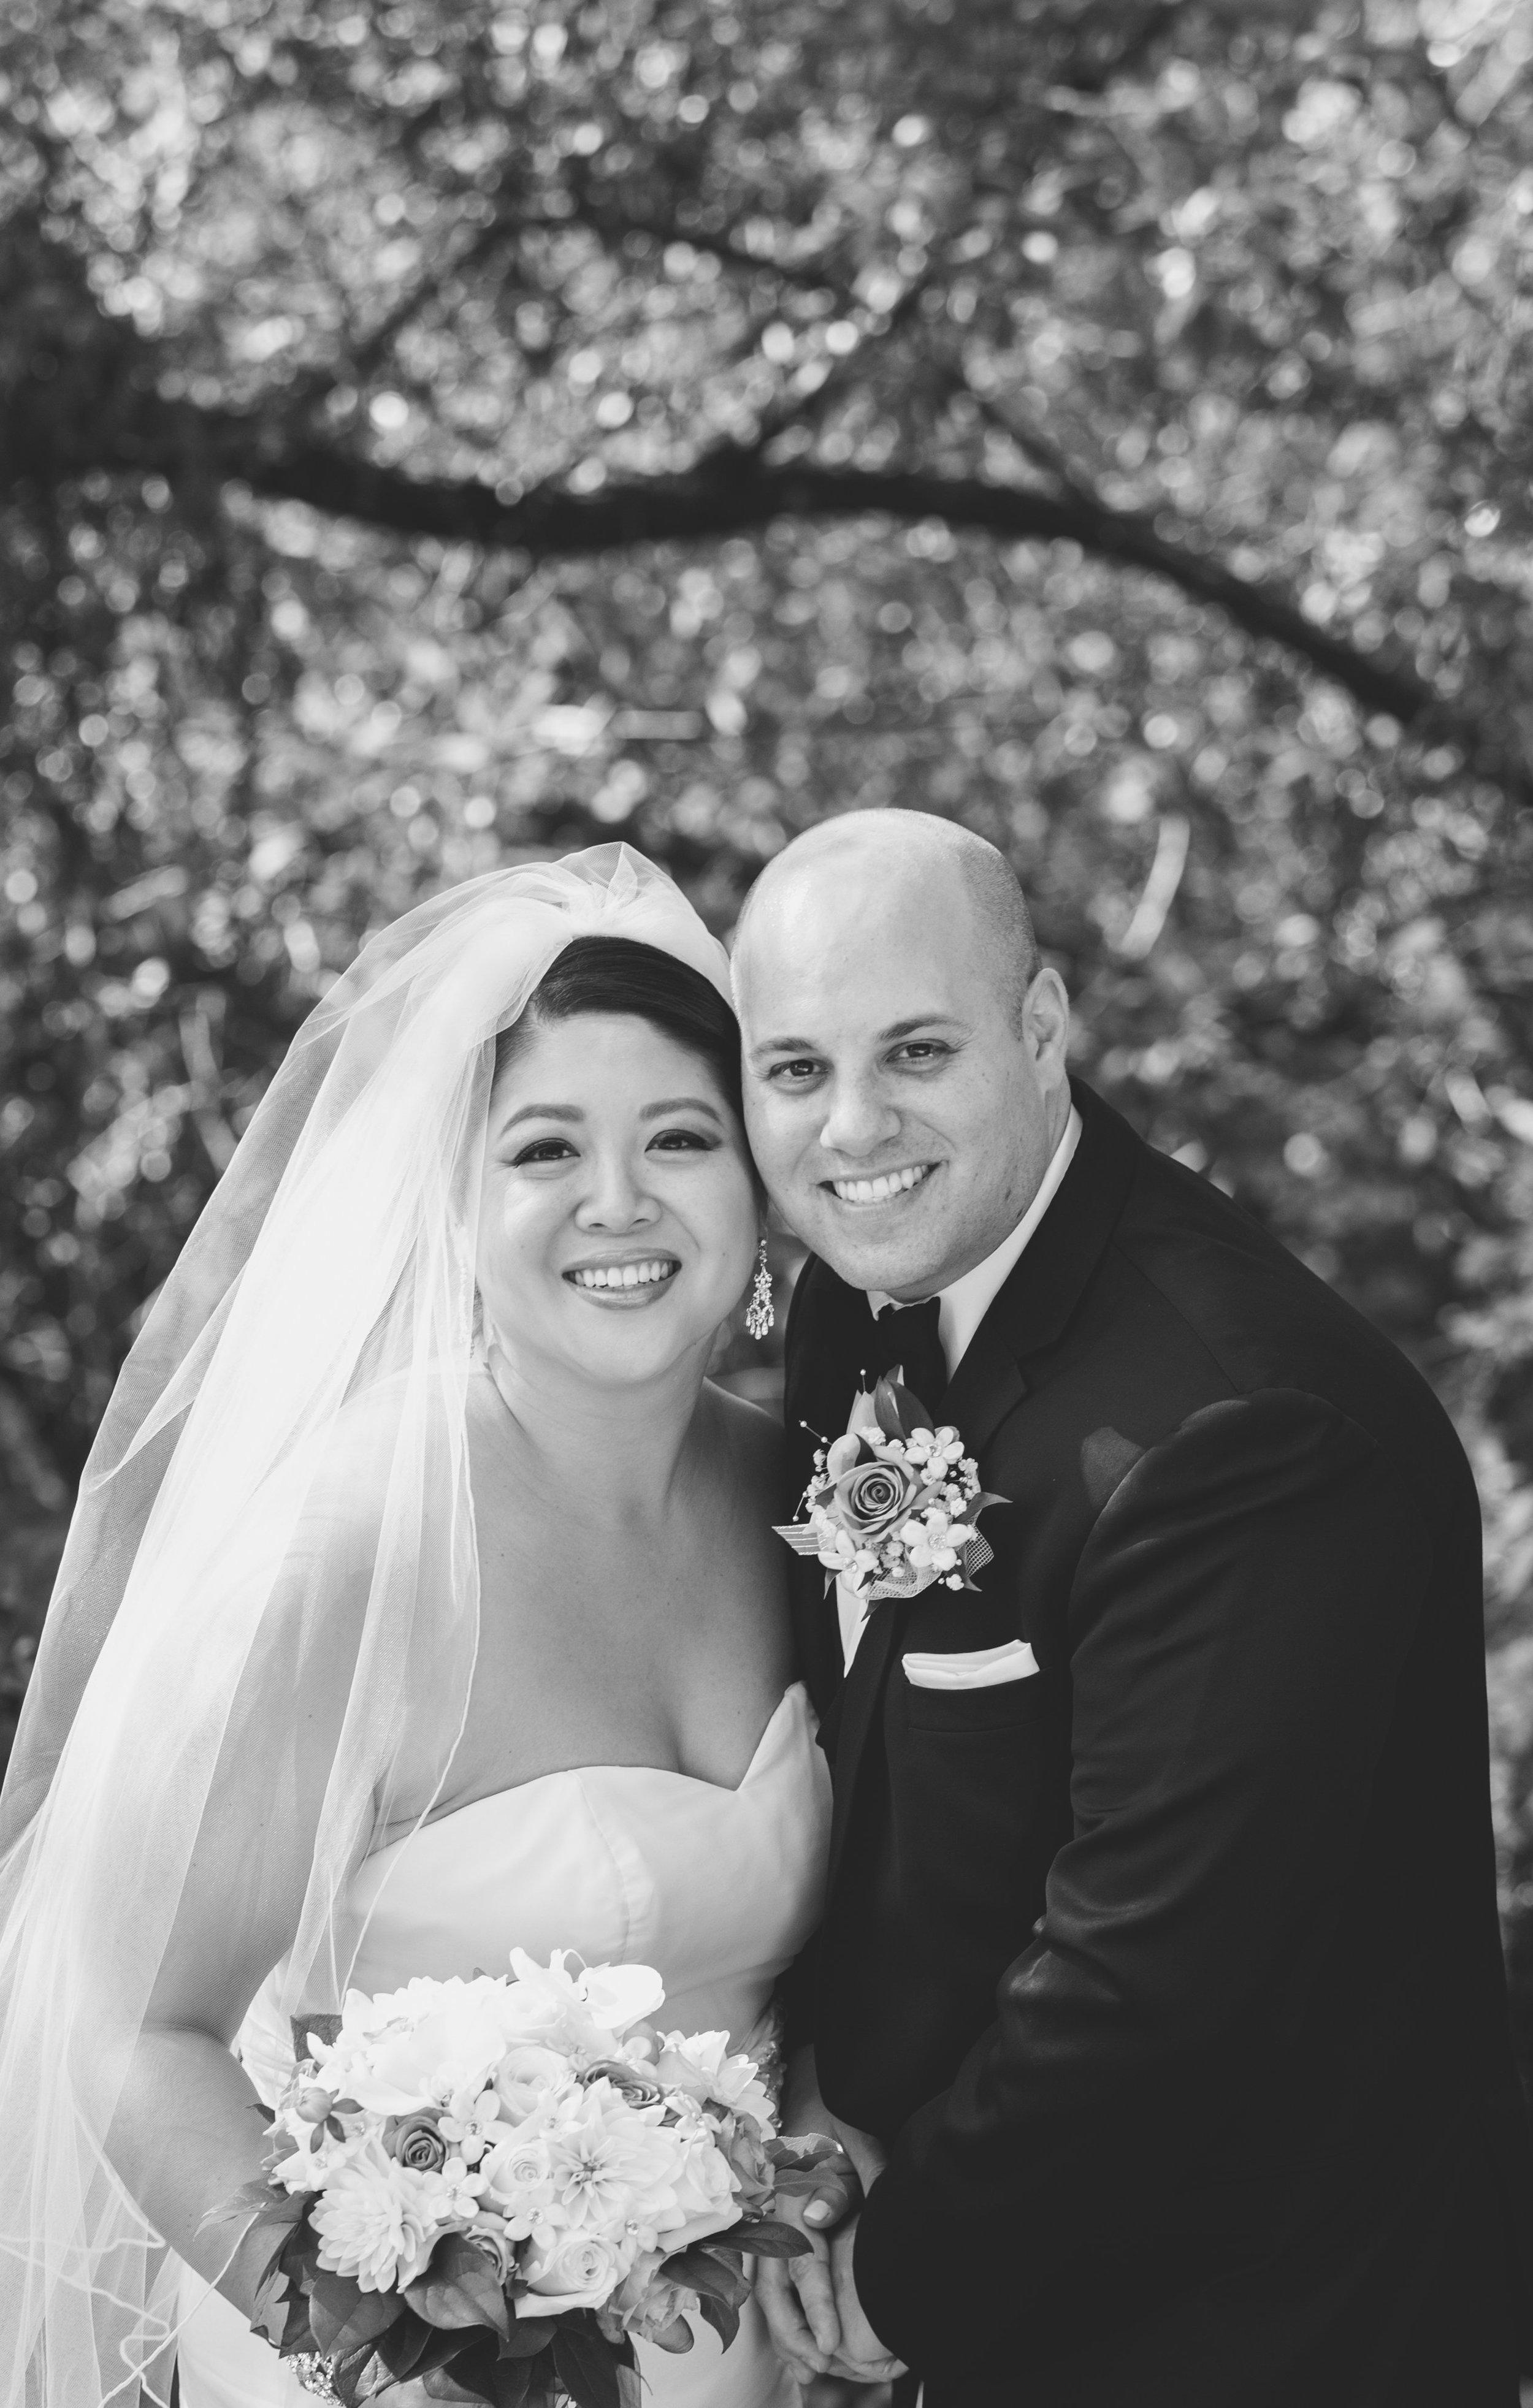 Steve and Eva Married-Steve and Eva Champi-0220.jpg